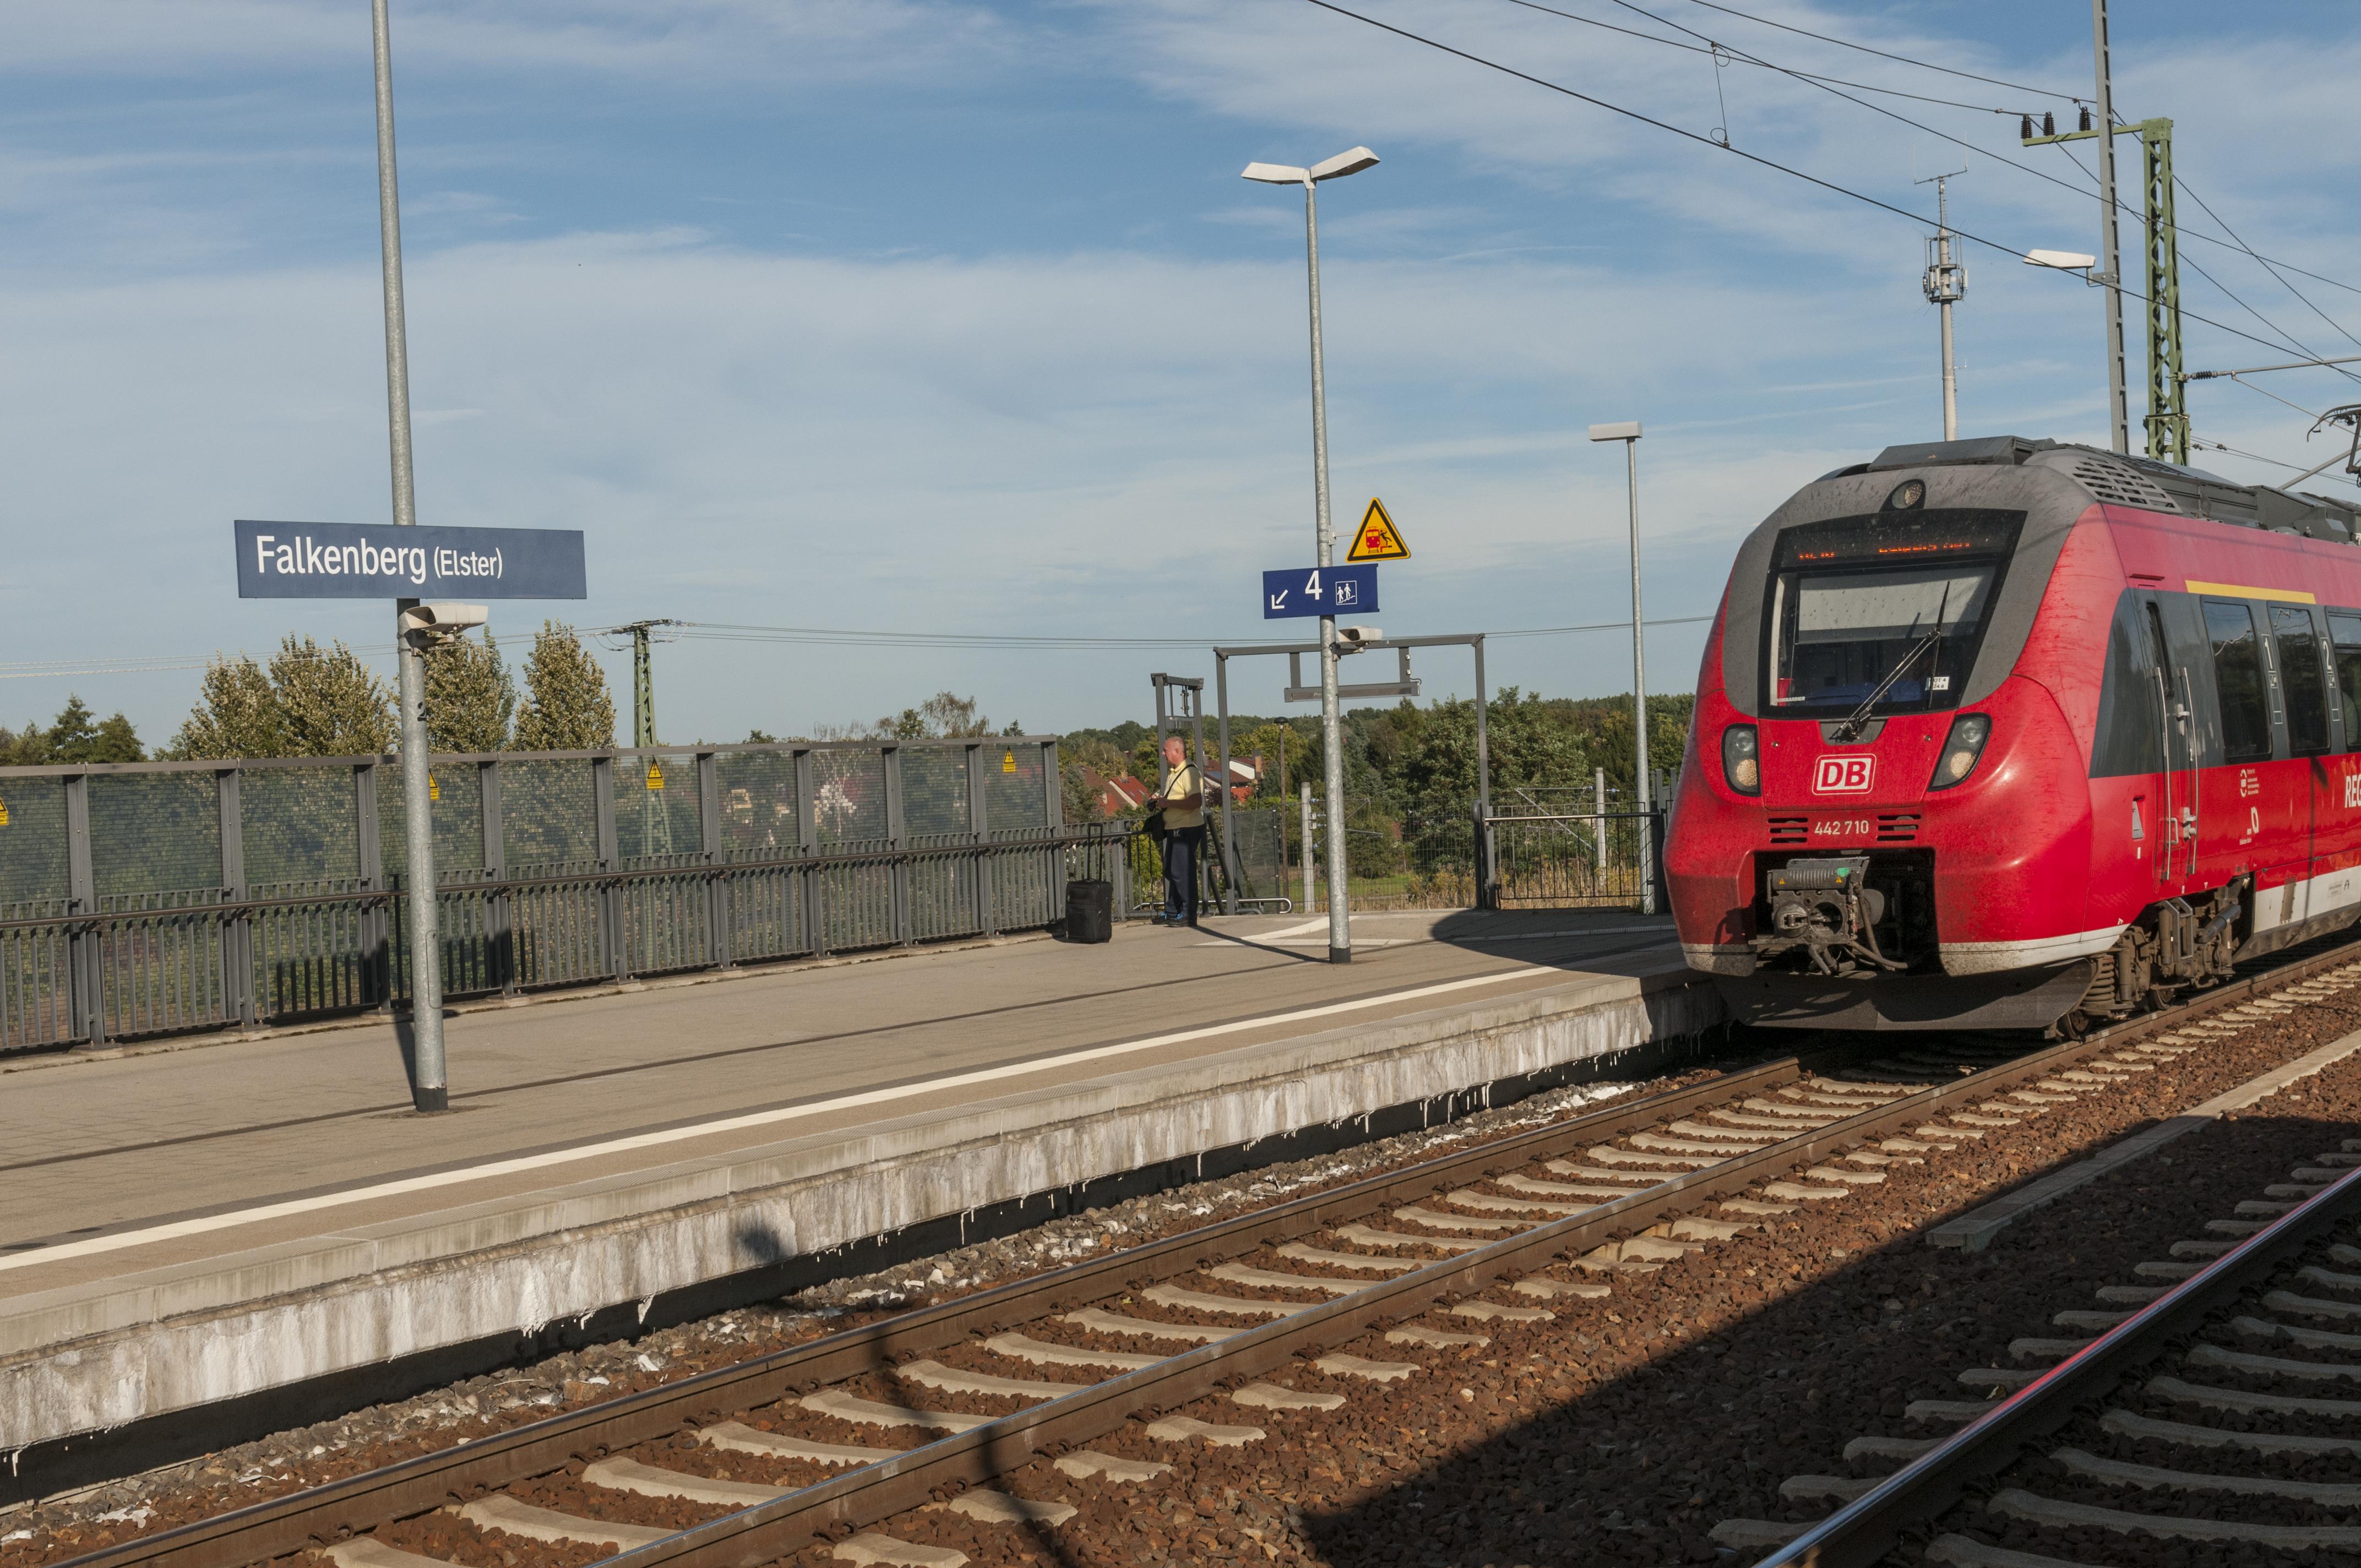 Hure Falkenberg/Elster